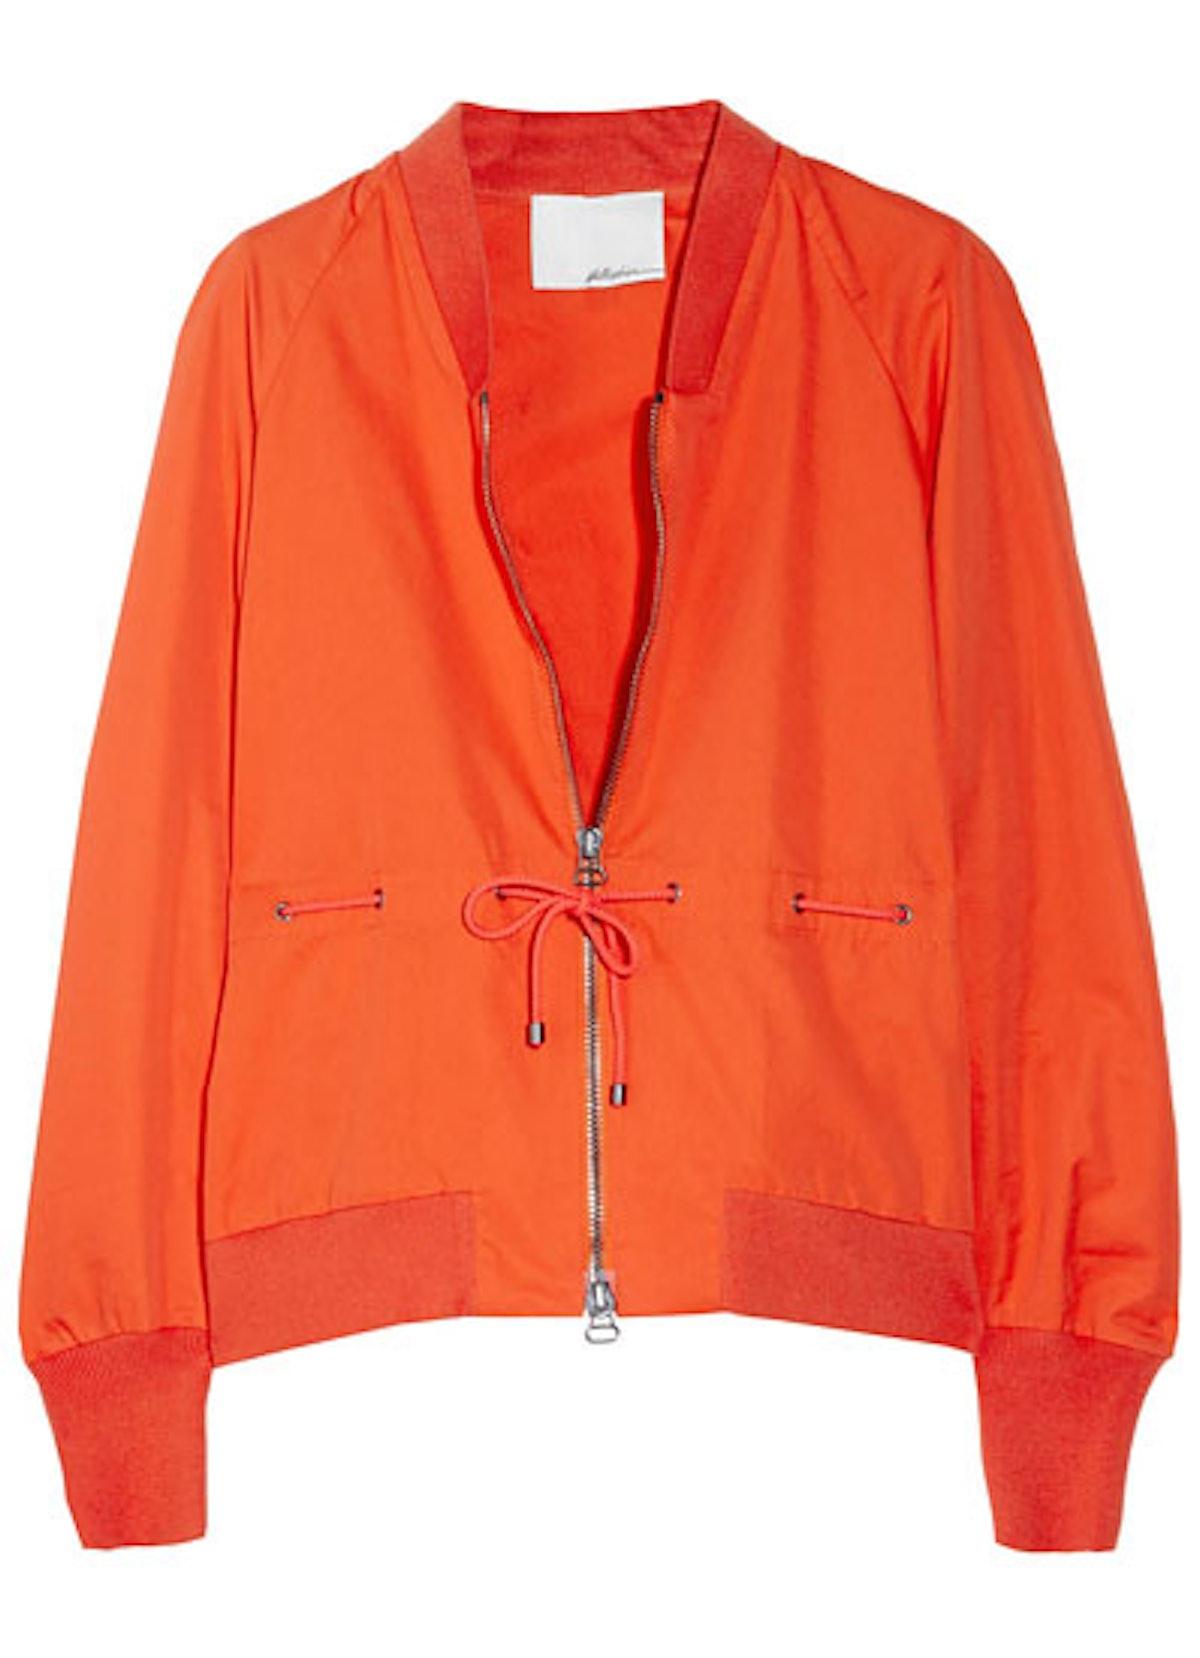 fass-activewear-06-v.jpg